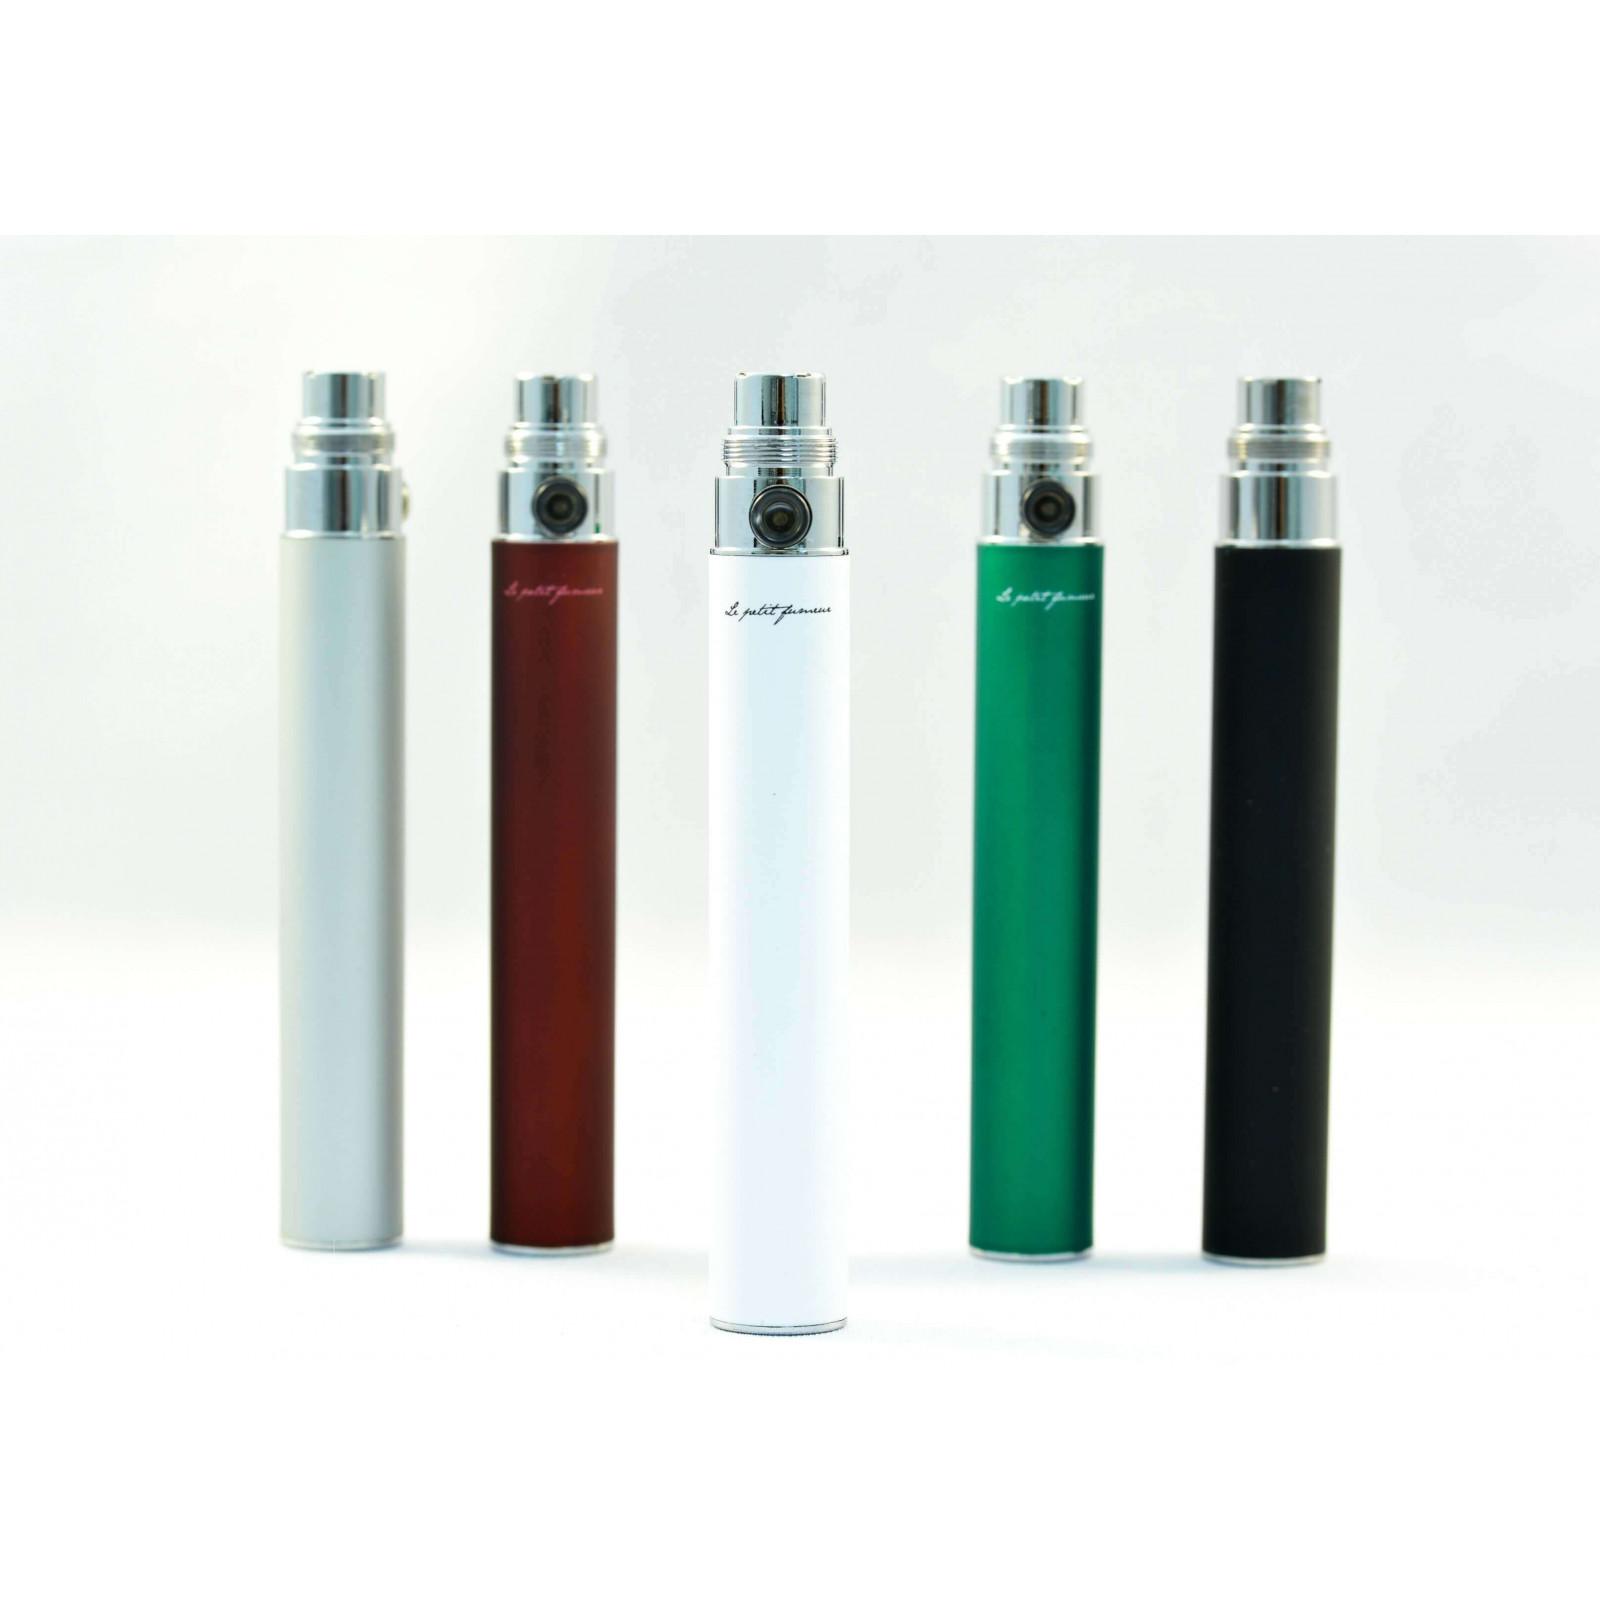 Batterie eGo-T 1100 mah - LE PETIT FUMEUR